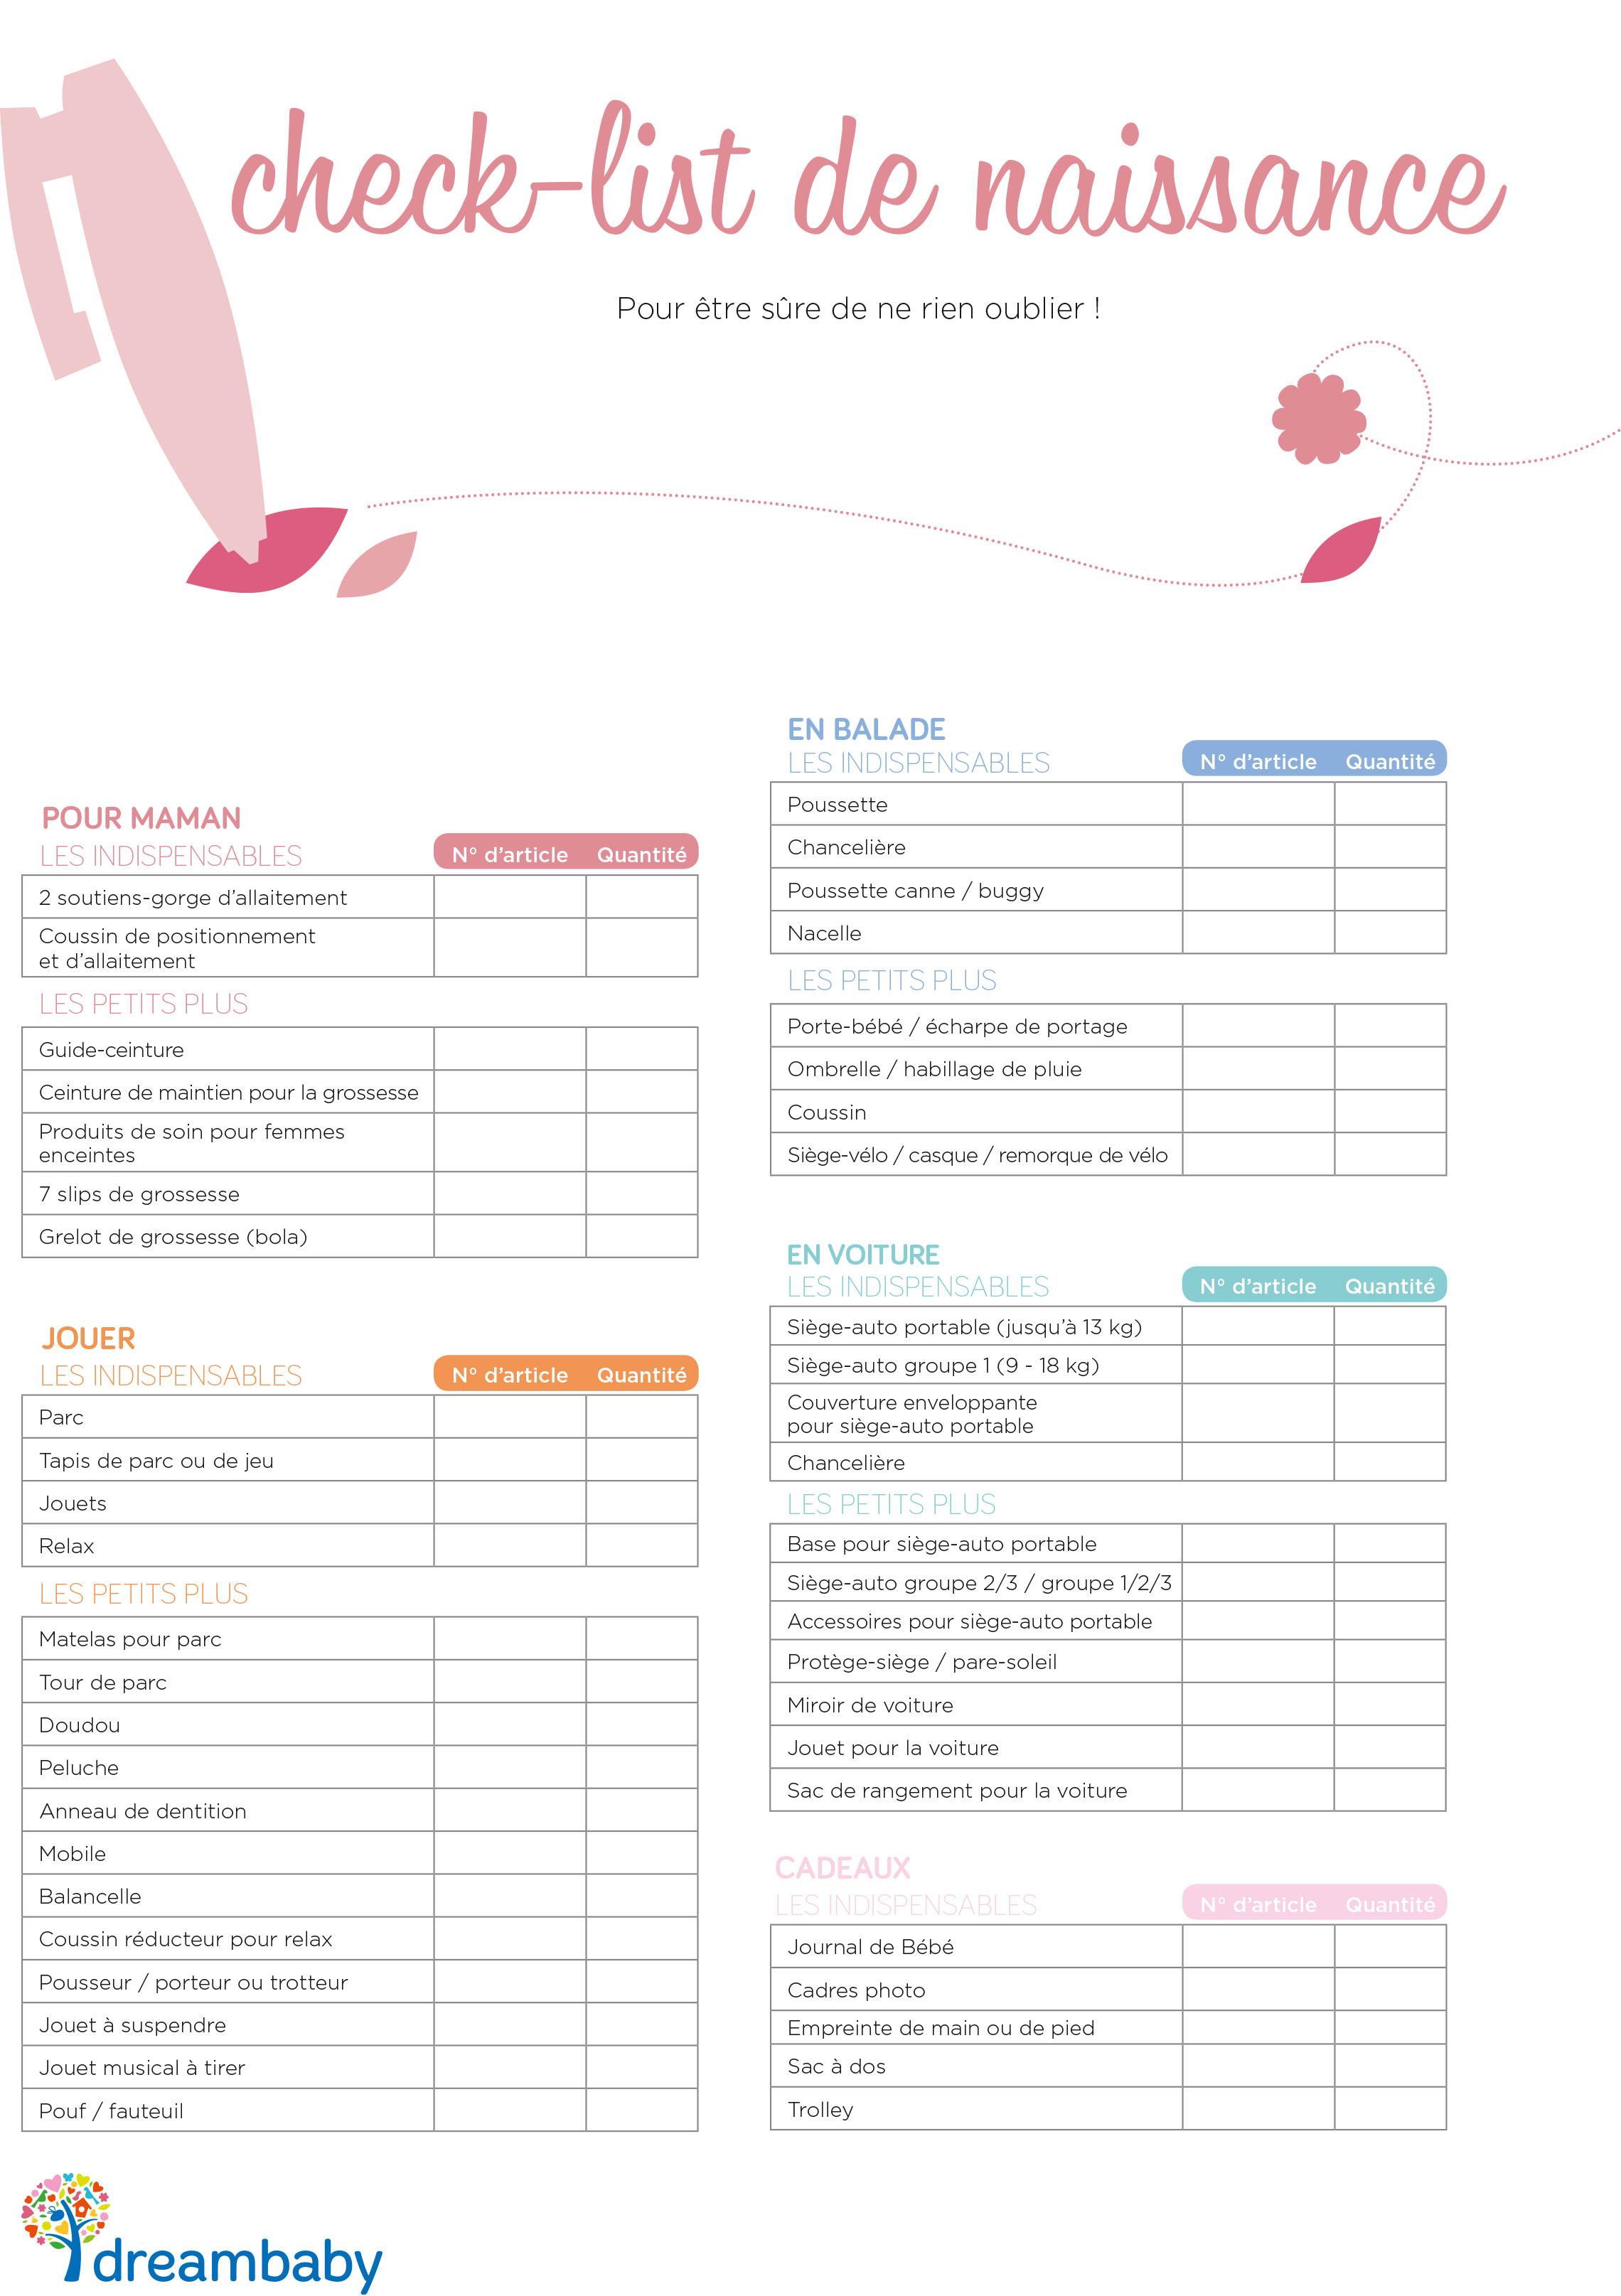 exemple liste de naissance complete